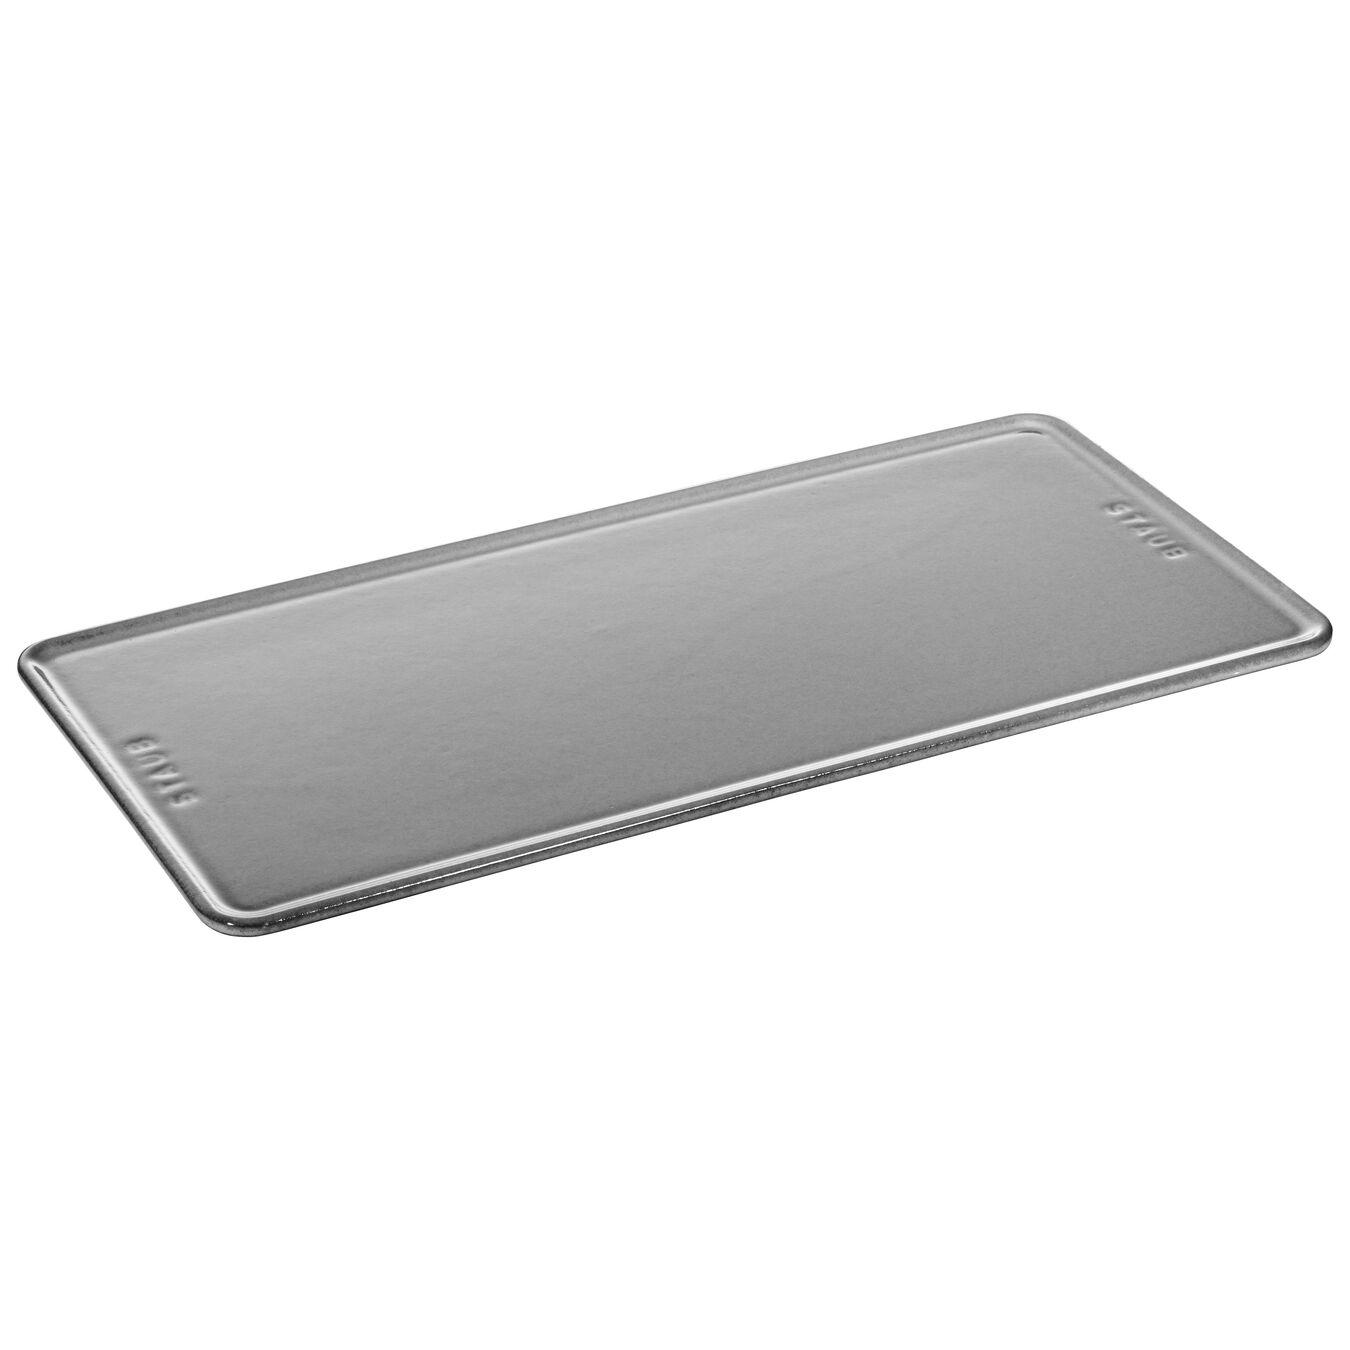 Assiette 30 cm x 15 cm, Fonte, Gris graphite,,large 1